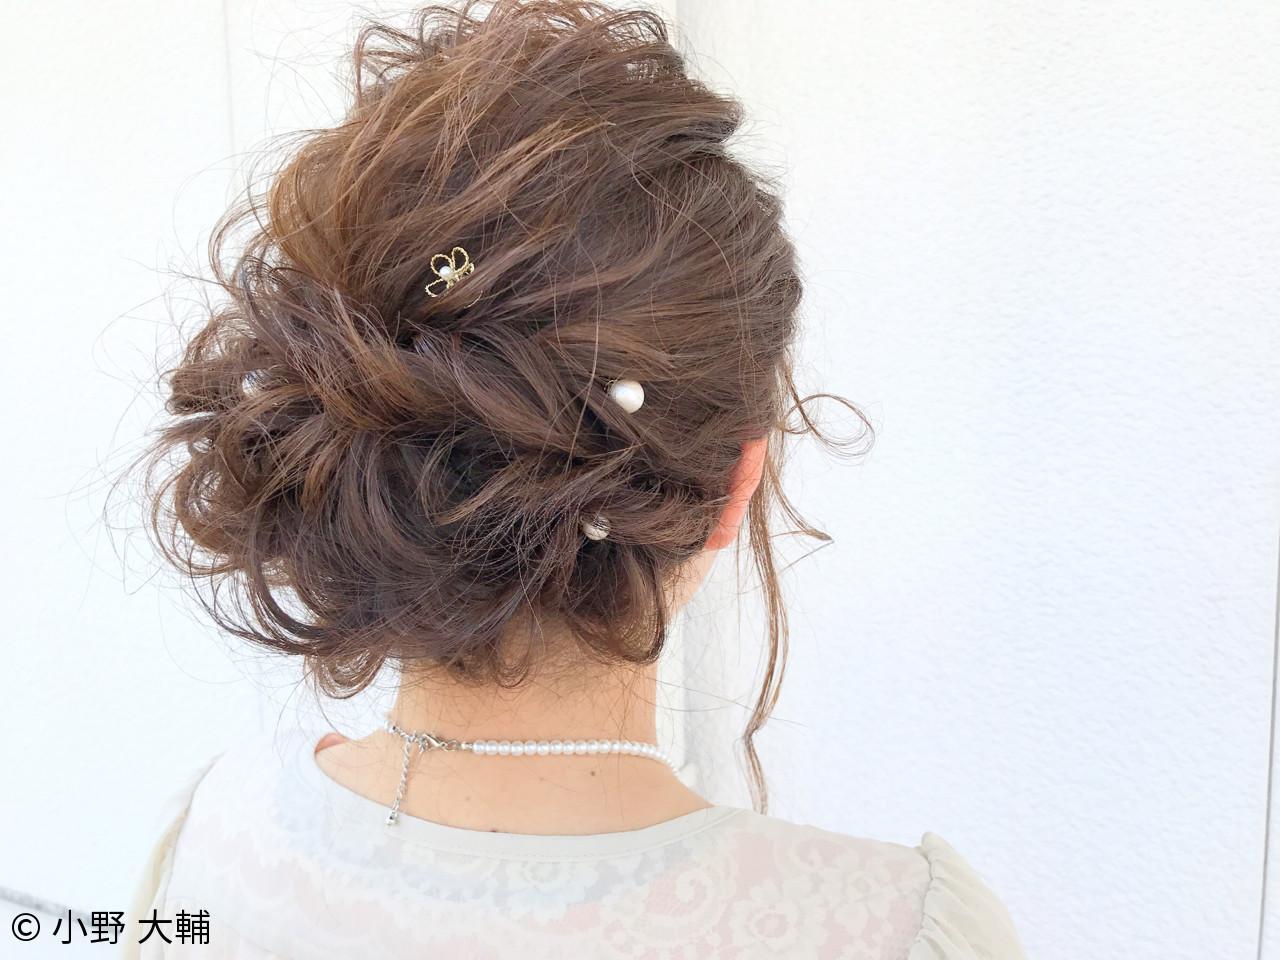 ヘアアレンジ 女子会 パーティ ナチュラル ヘアスタイルや髪型の写真・画像 | 小野 大輔 / OHIA  for plumeria